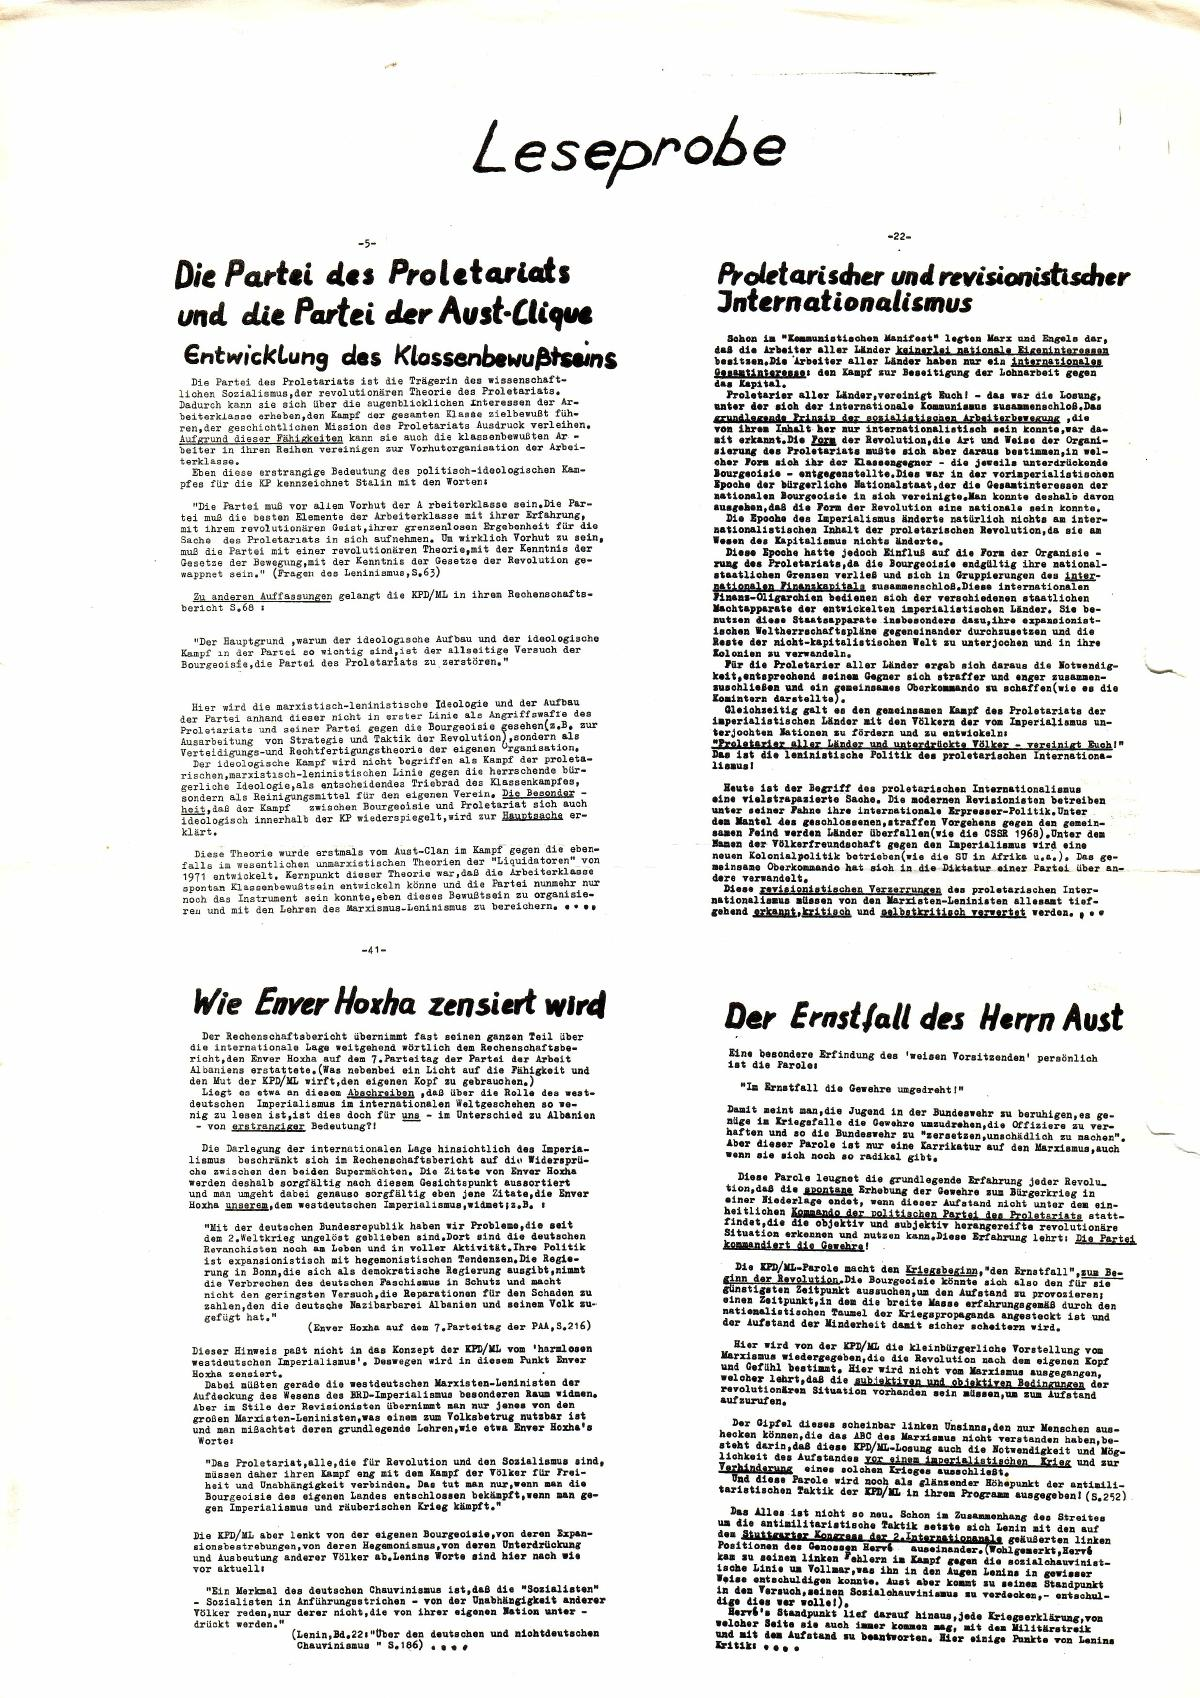 Gelsenkirchen_1977_Parteimythos_und_Wirklichkeit_52